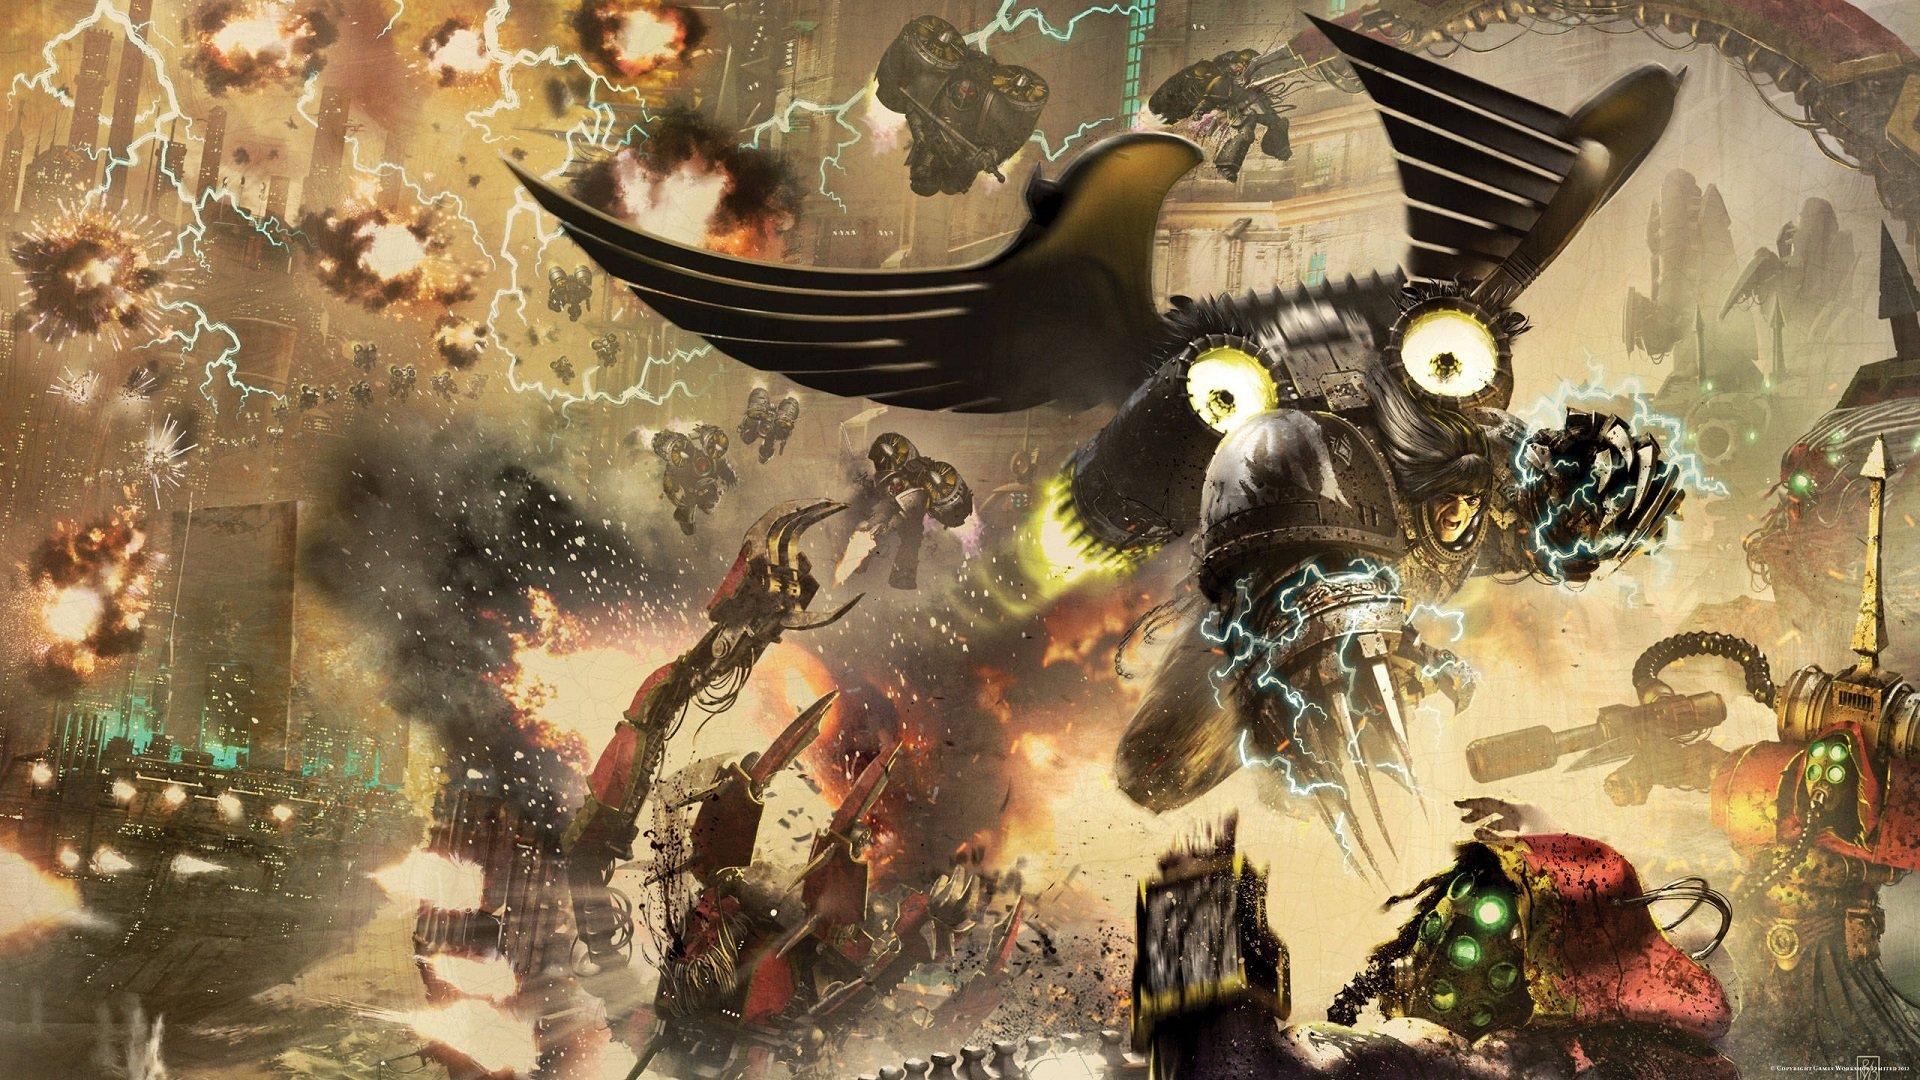 warhammer horus heresy hd wallpaper - photo #18